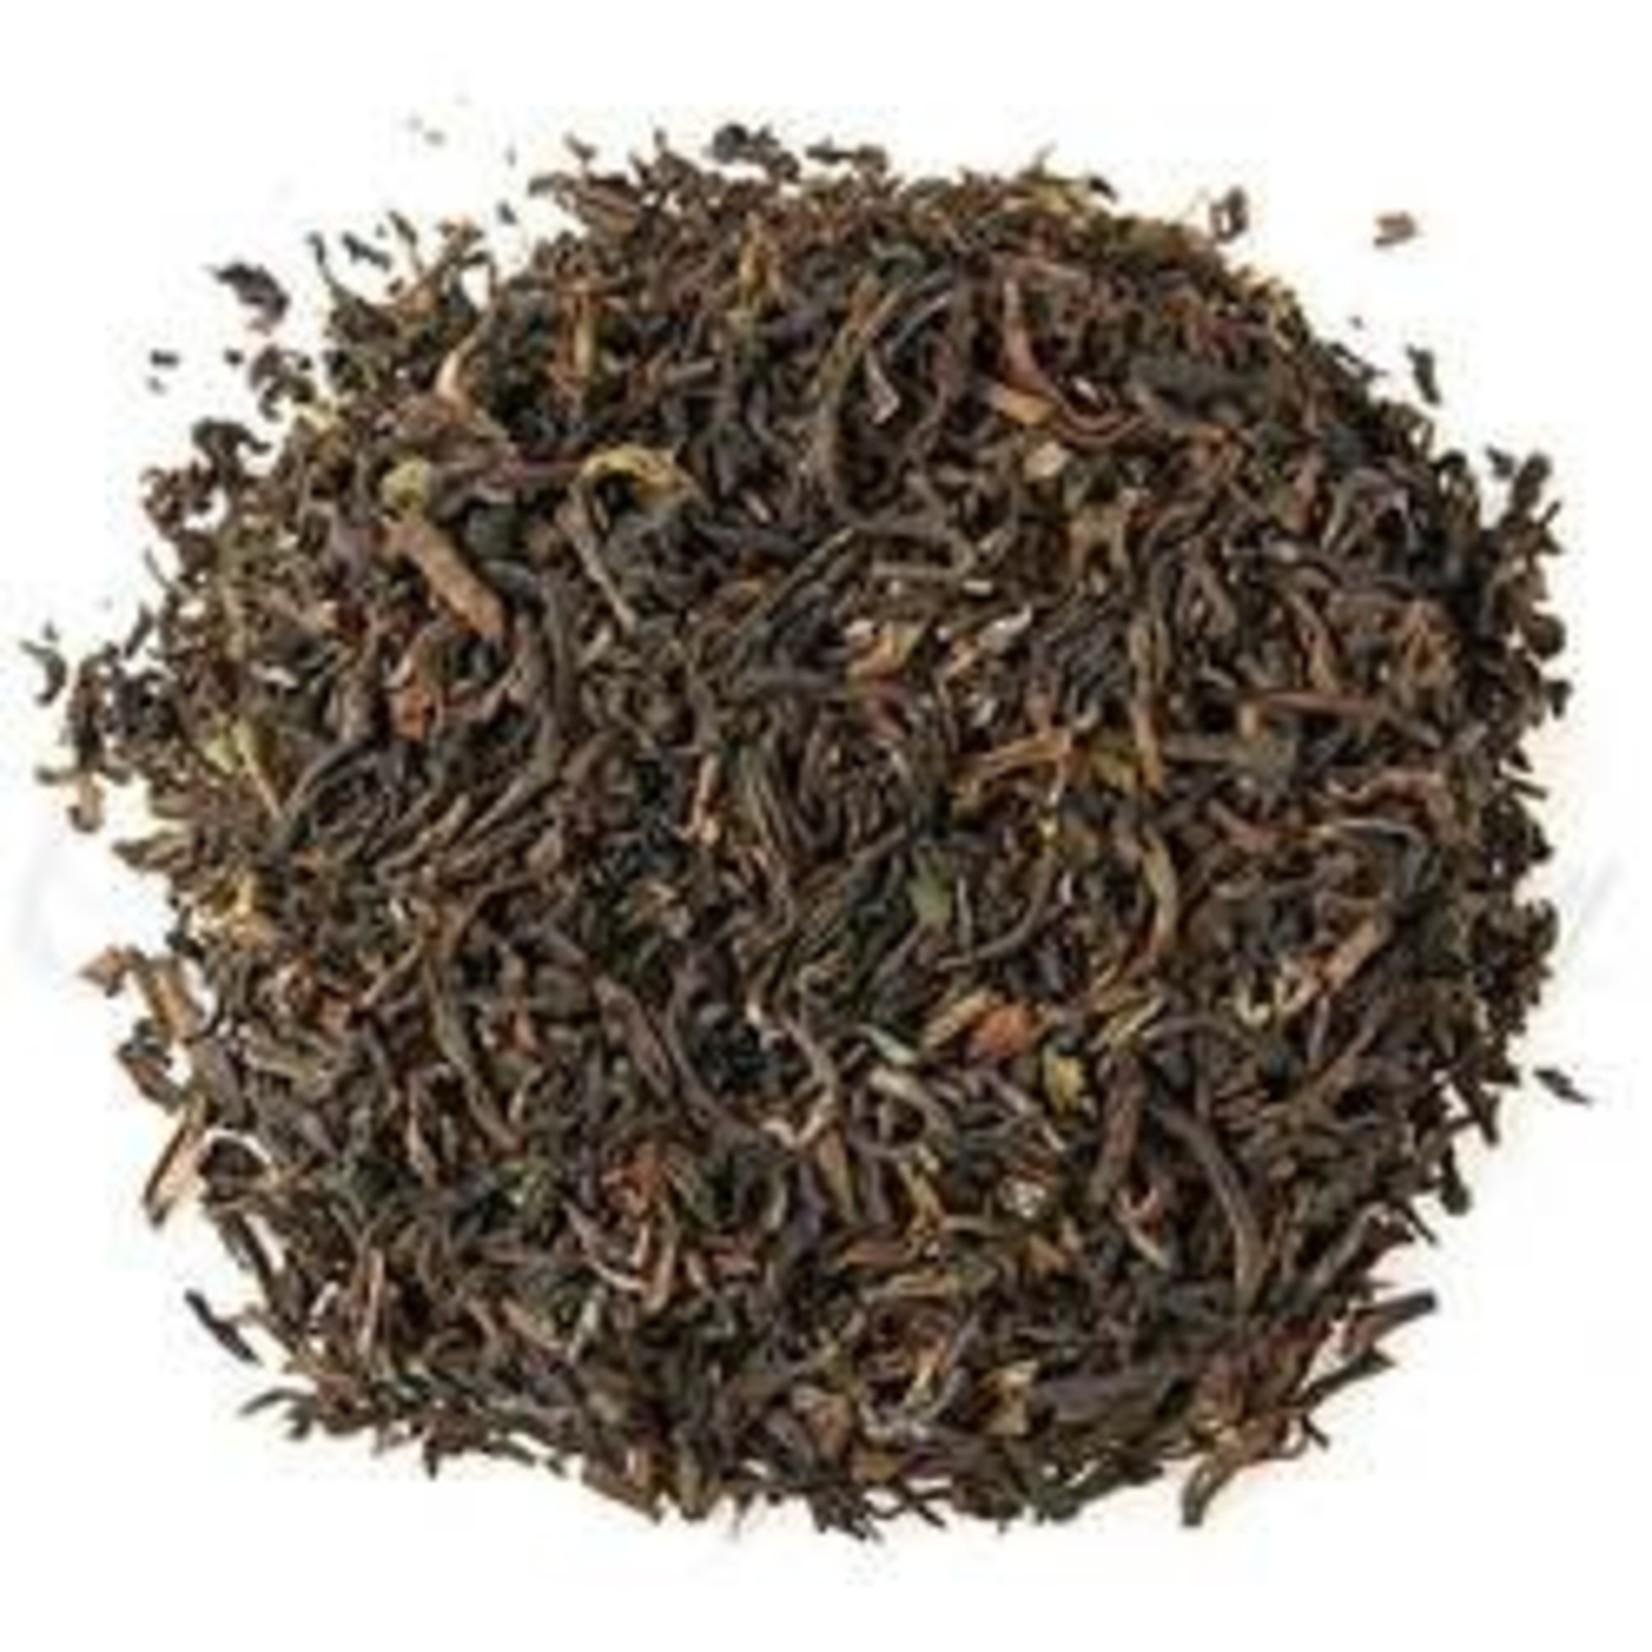 BrewBakers Tea Margaret's Hope Darjeeling 50g